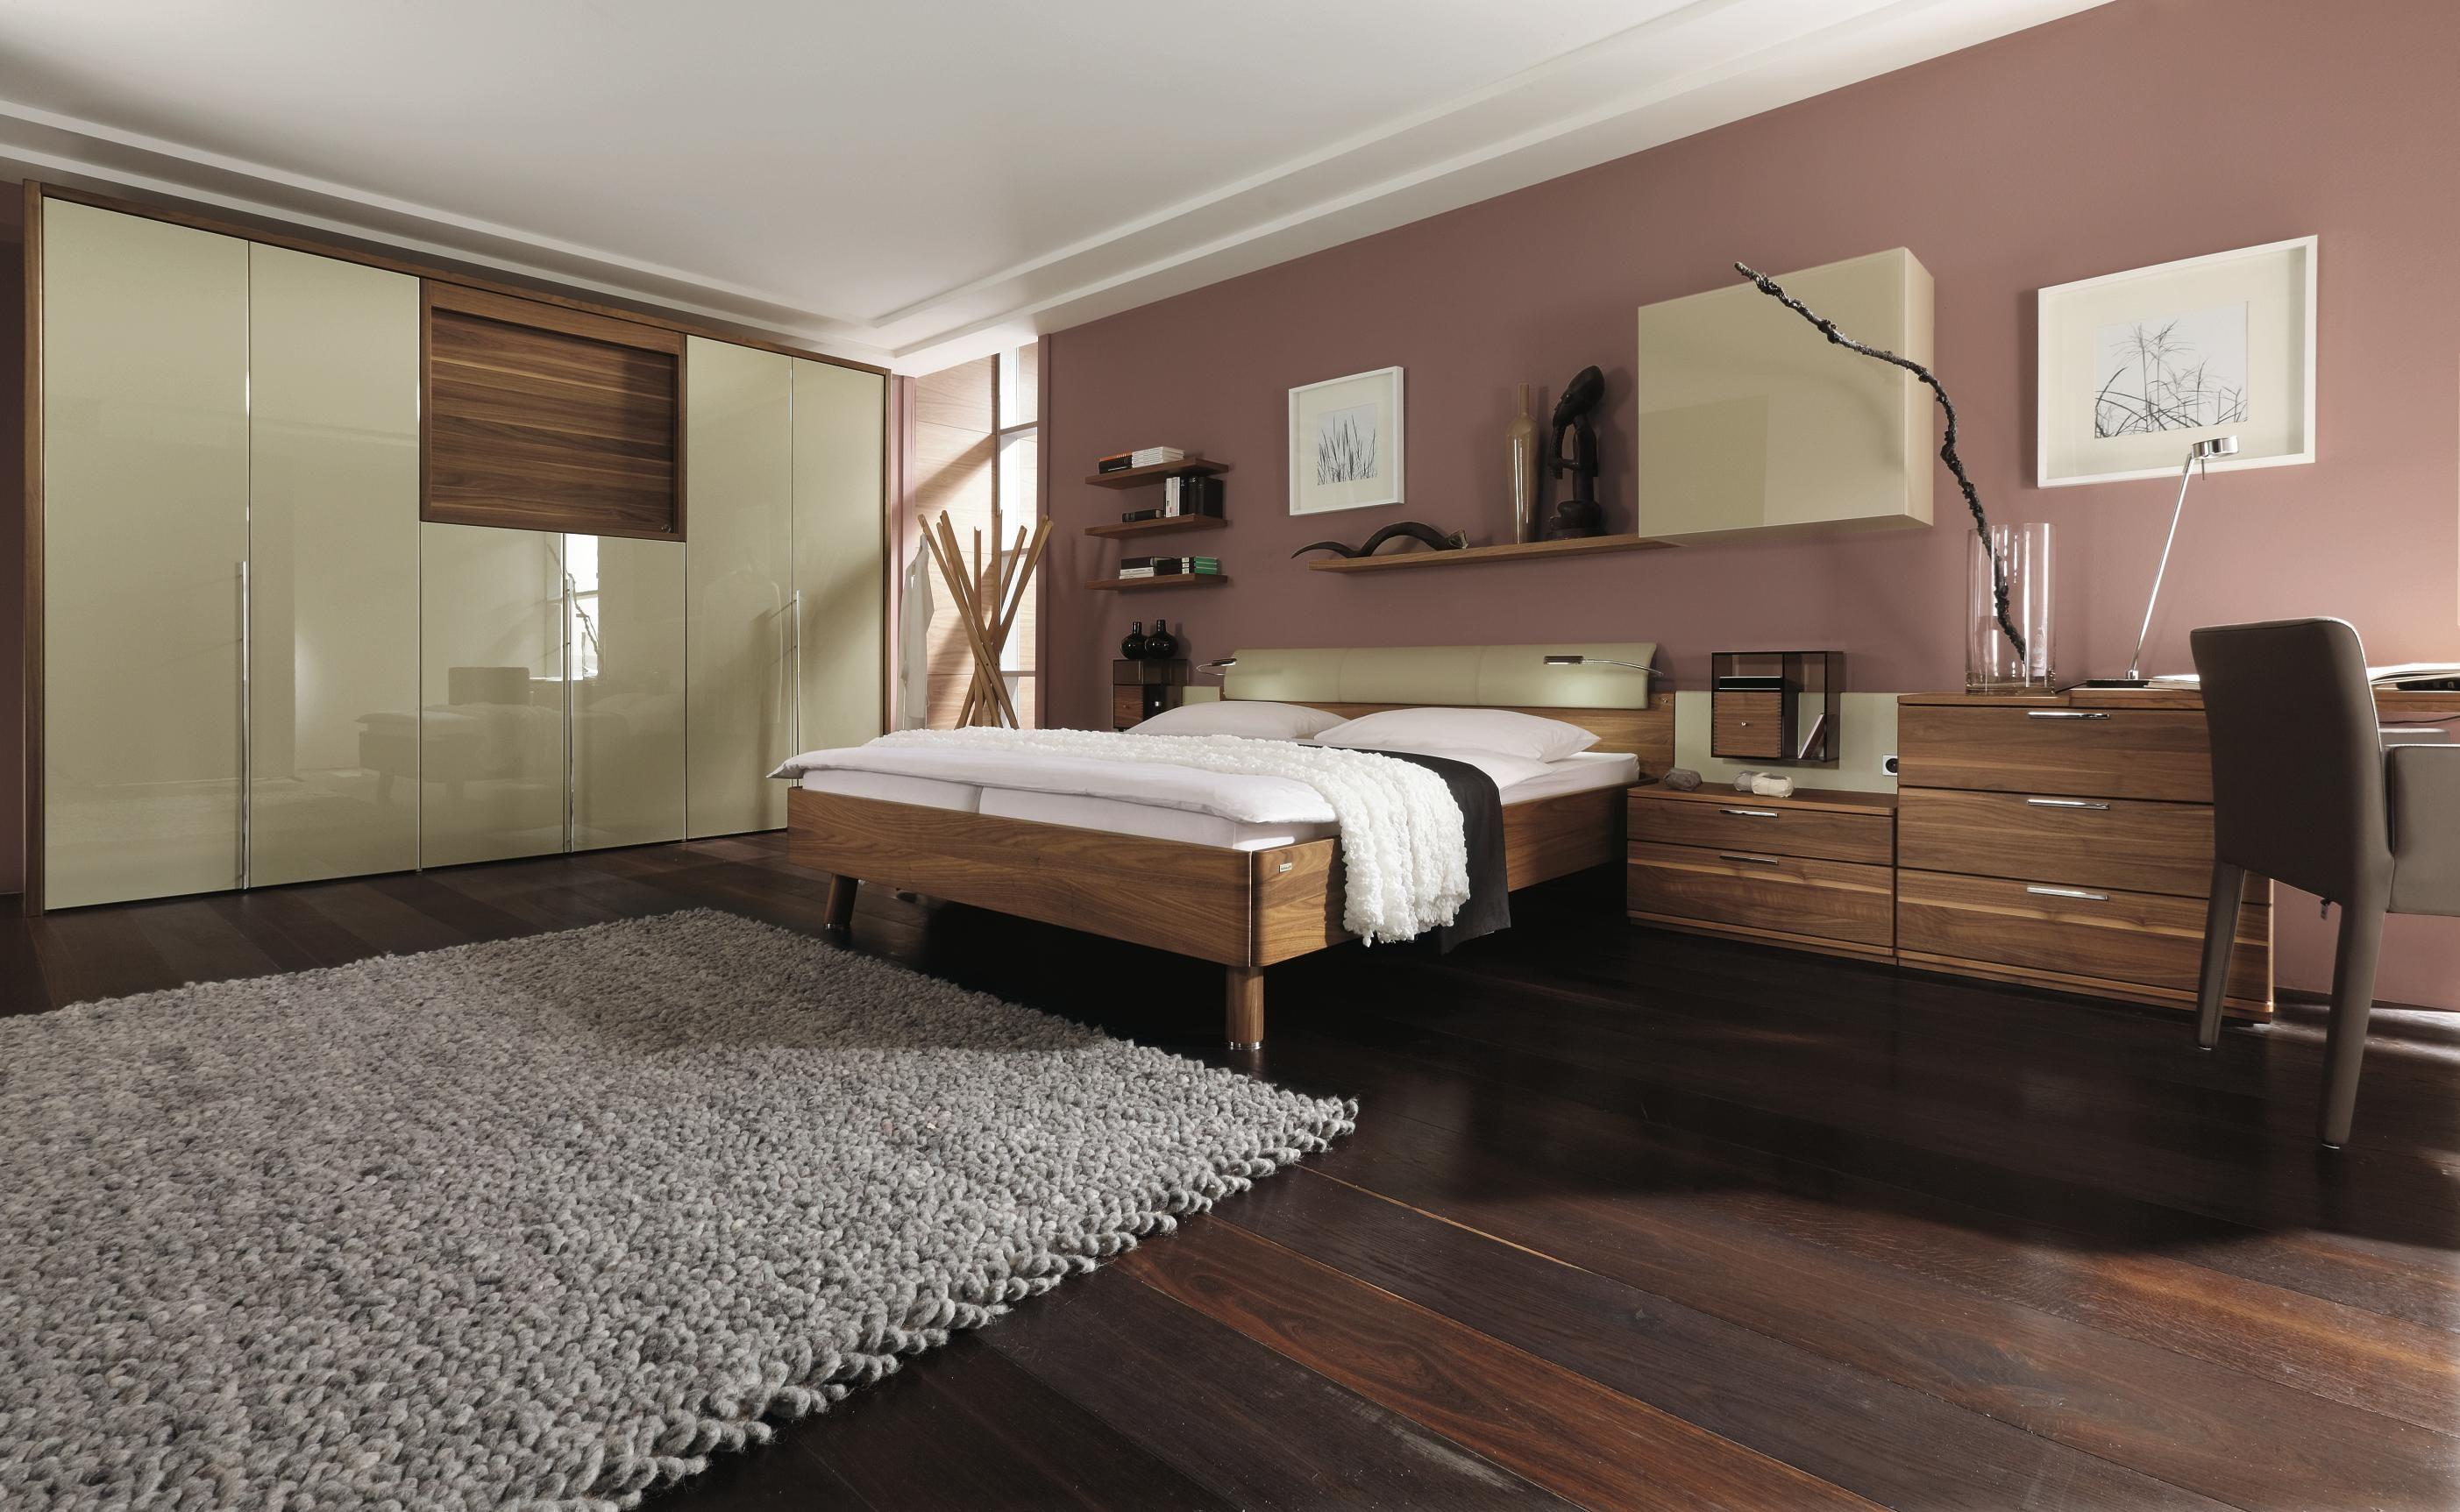 Hülsta Schlafzimmer ~ Elegantes schlafzimmer qualität und design von hÜlsta